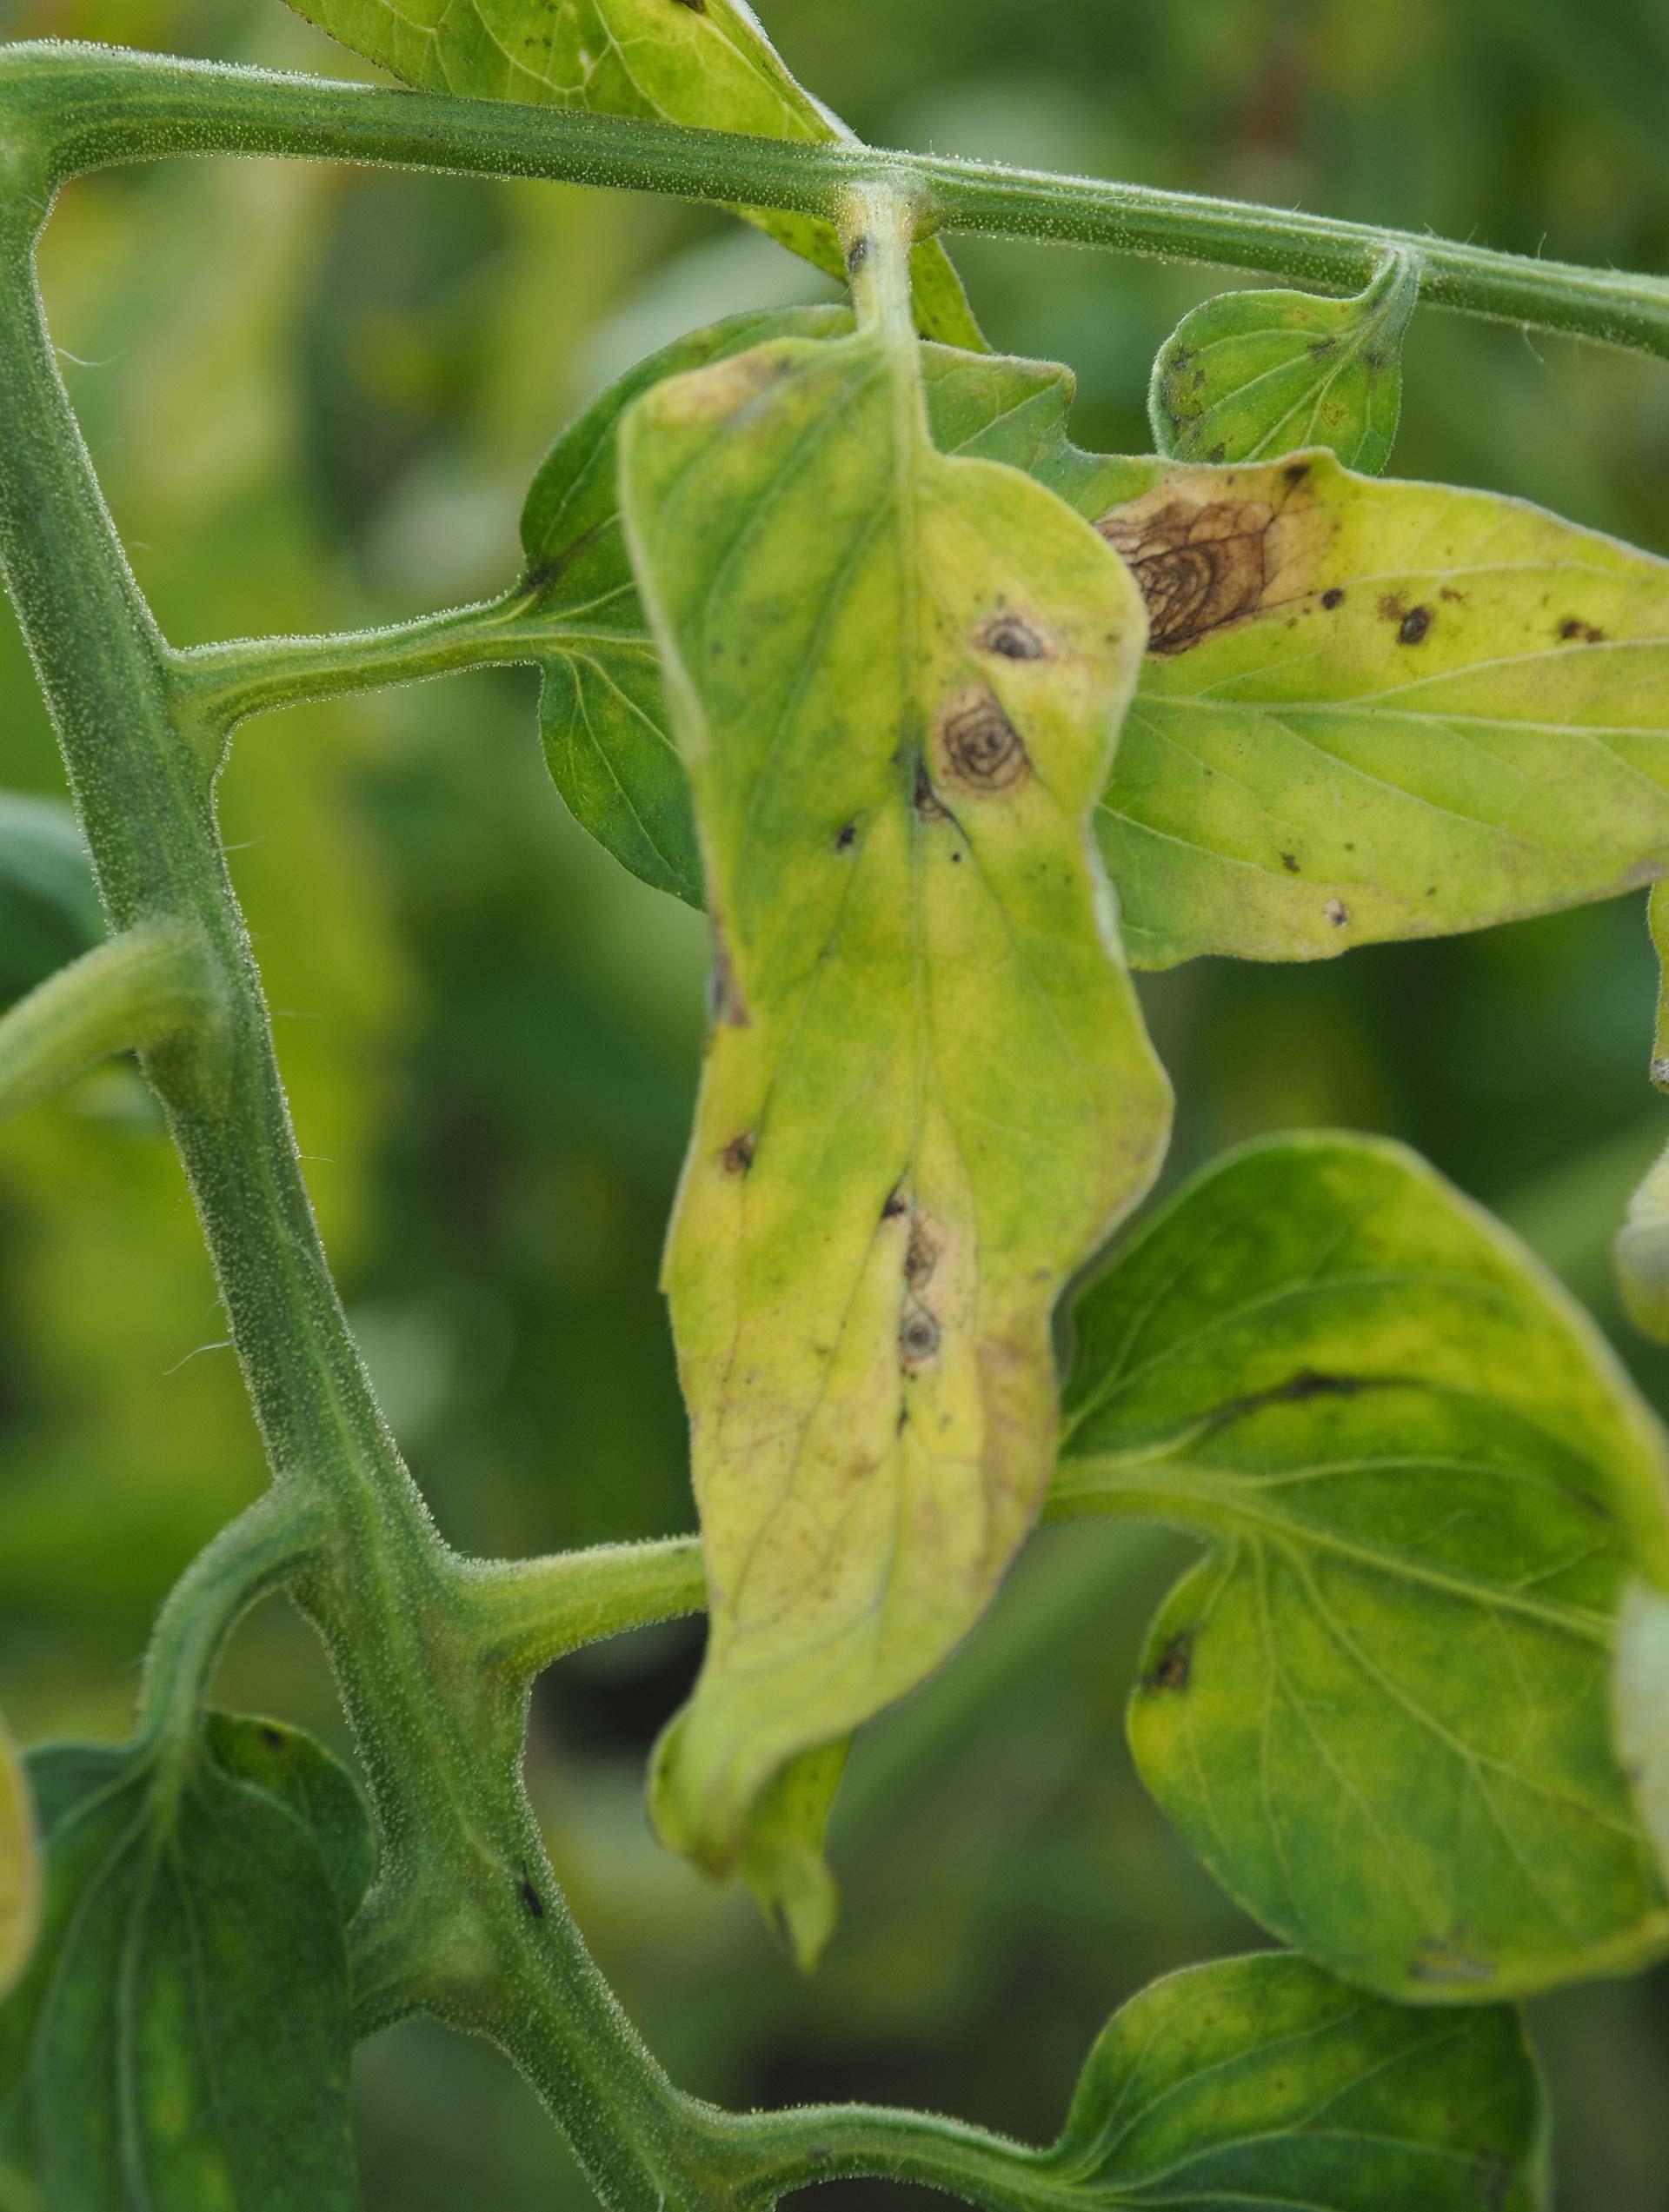 Defensa de plagas y enfermedades en agricultura ecológica